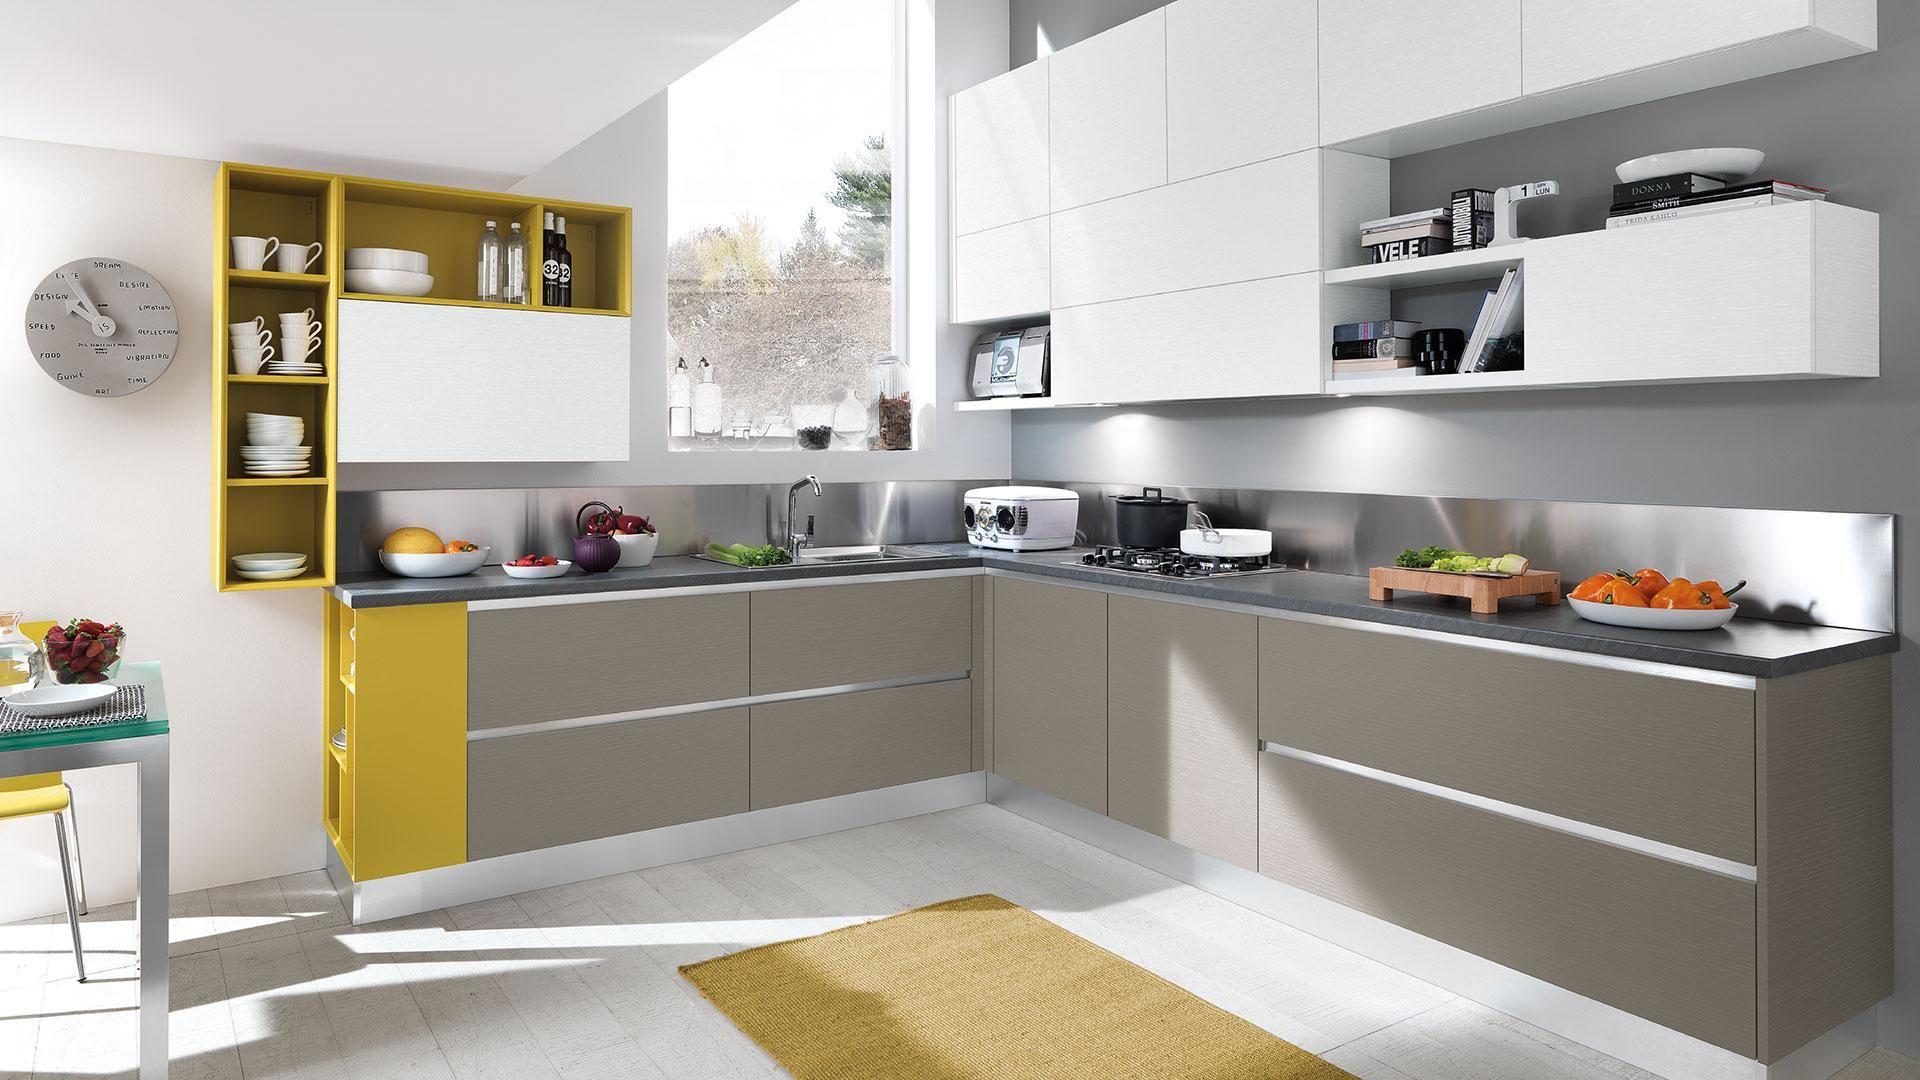 Cucine Lube | Cucine Lube | Pinterest | Hidden kitchen, Interiors ...